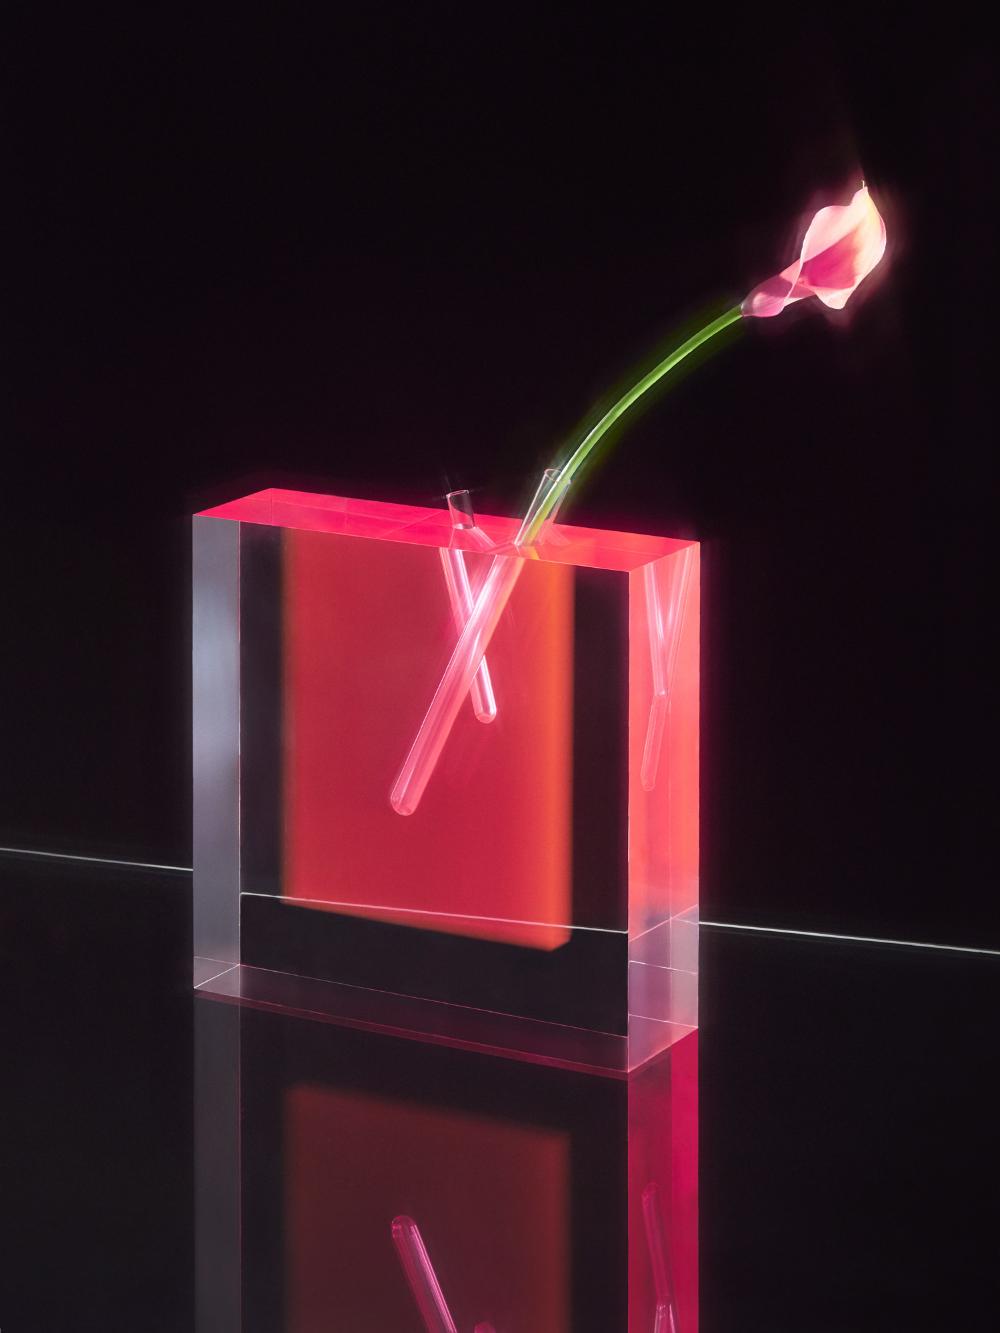 Shiro Kuramata Marion Maimon In 2020 Shiro Novelty Lamp Marion